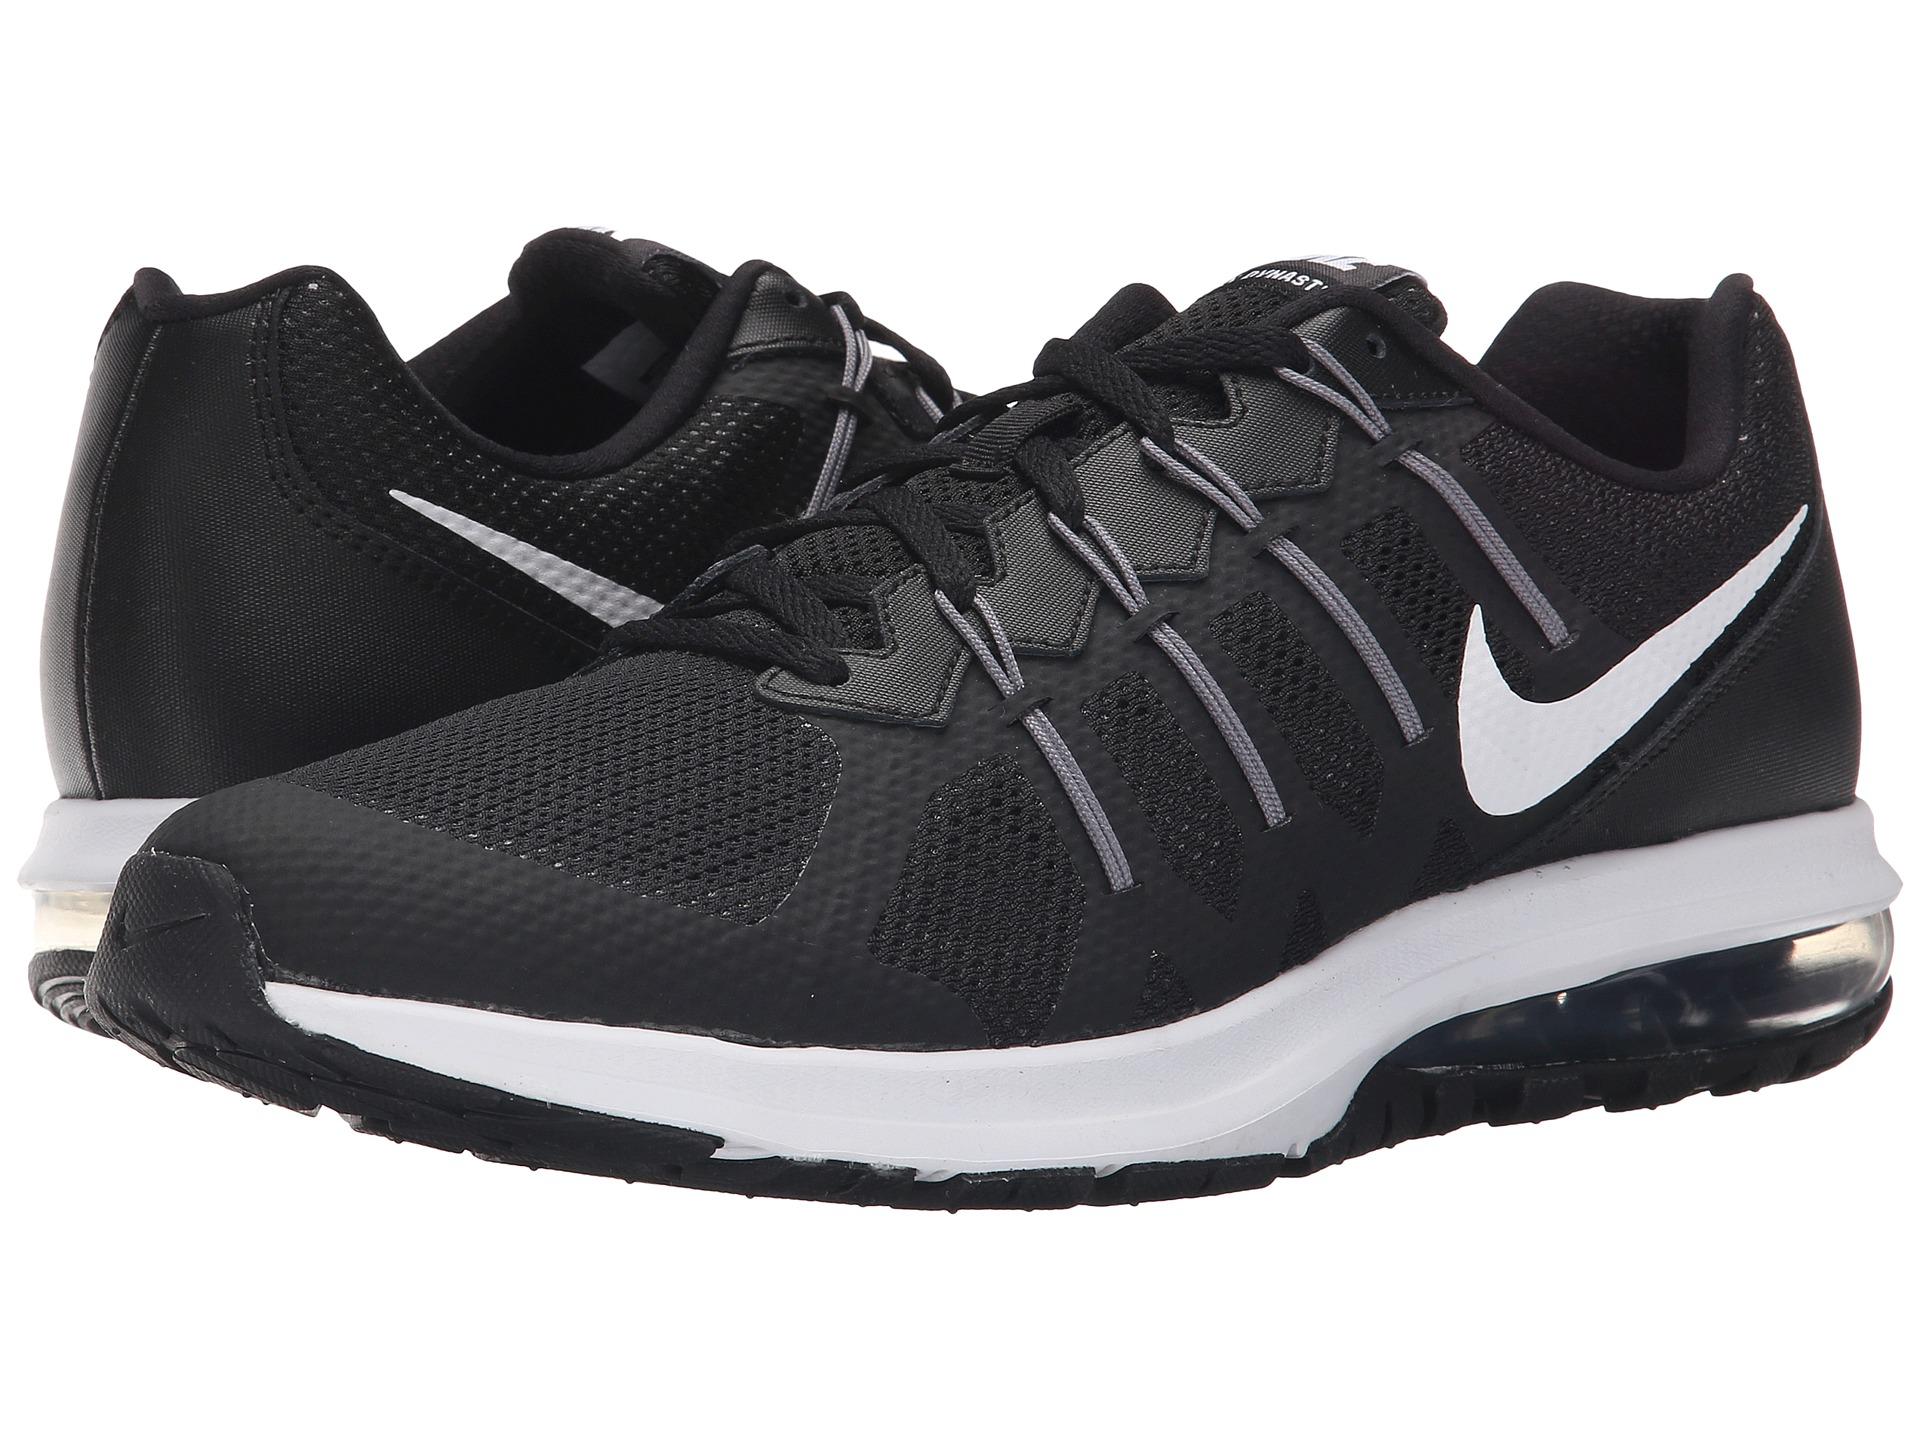 114cc63fcb Nike Air Max 2010 Fashion Black White Mens Running Trainers Shoes